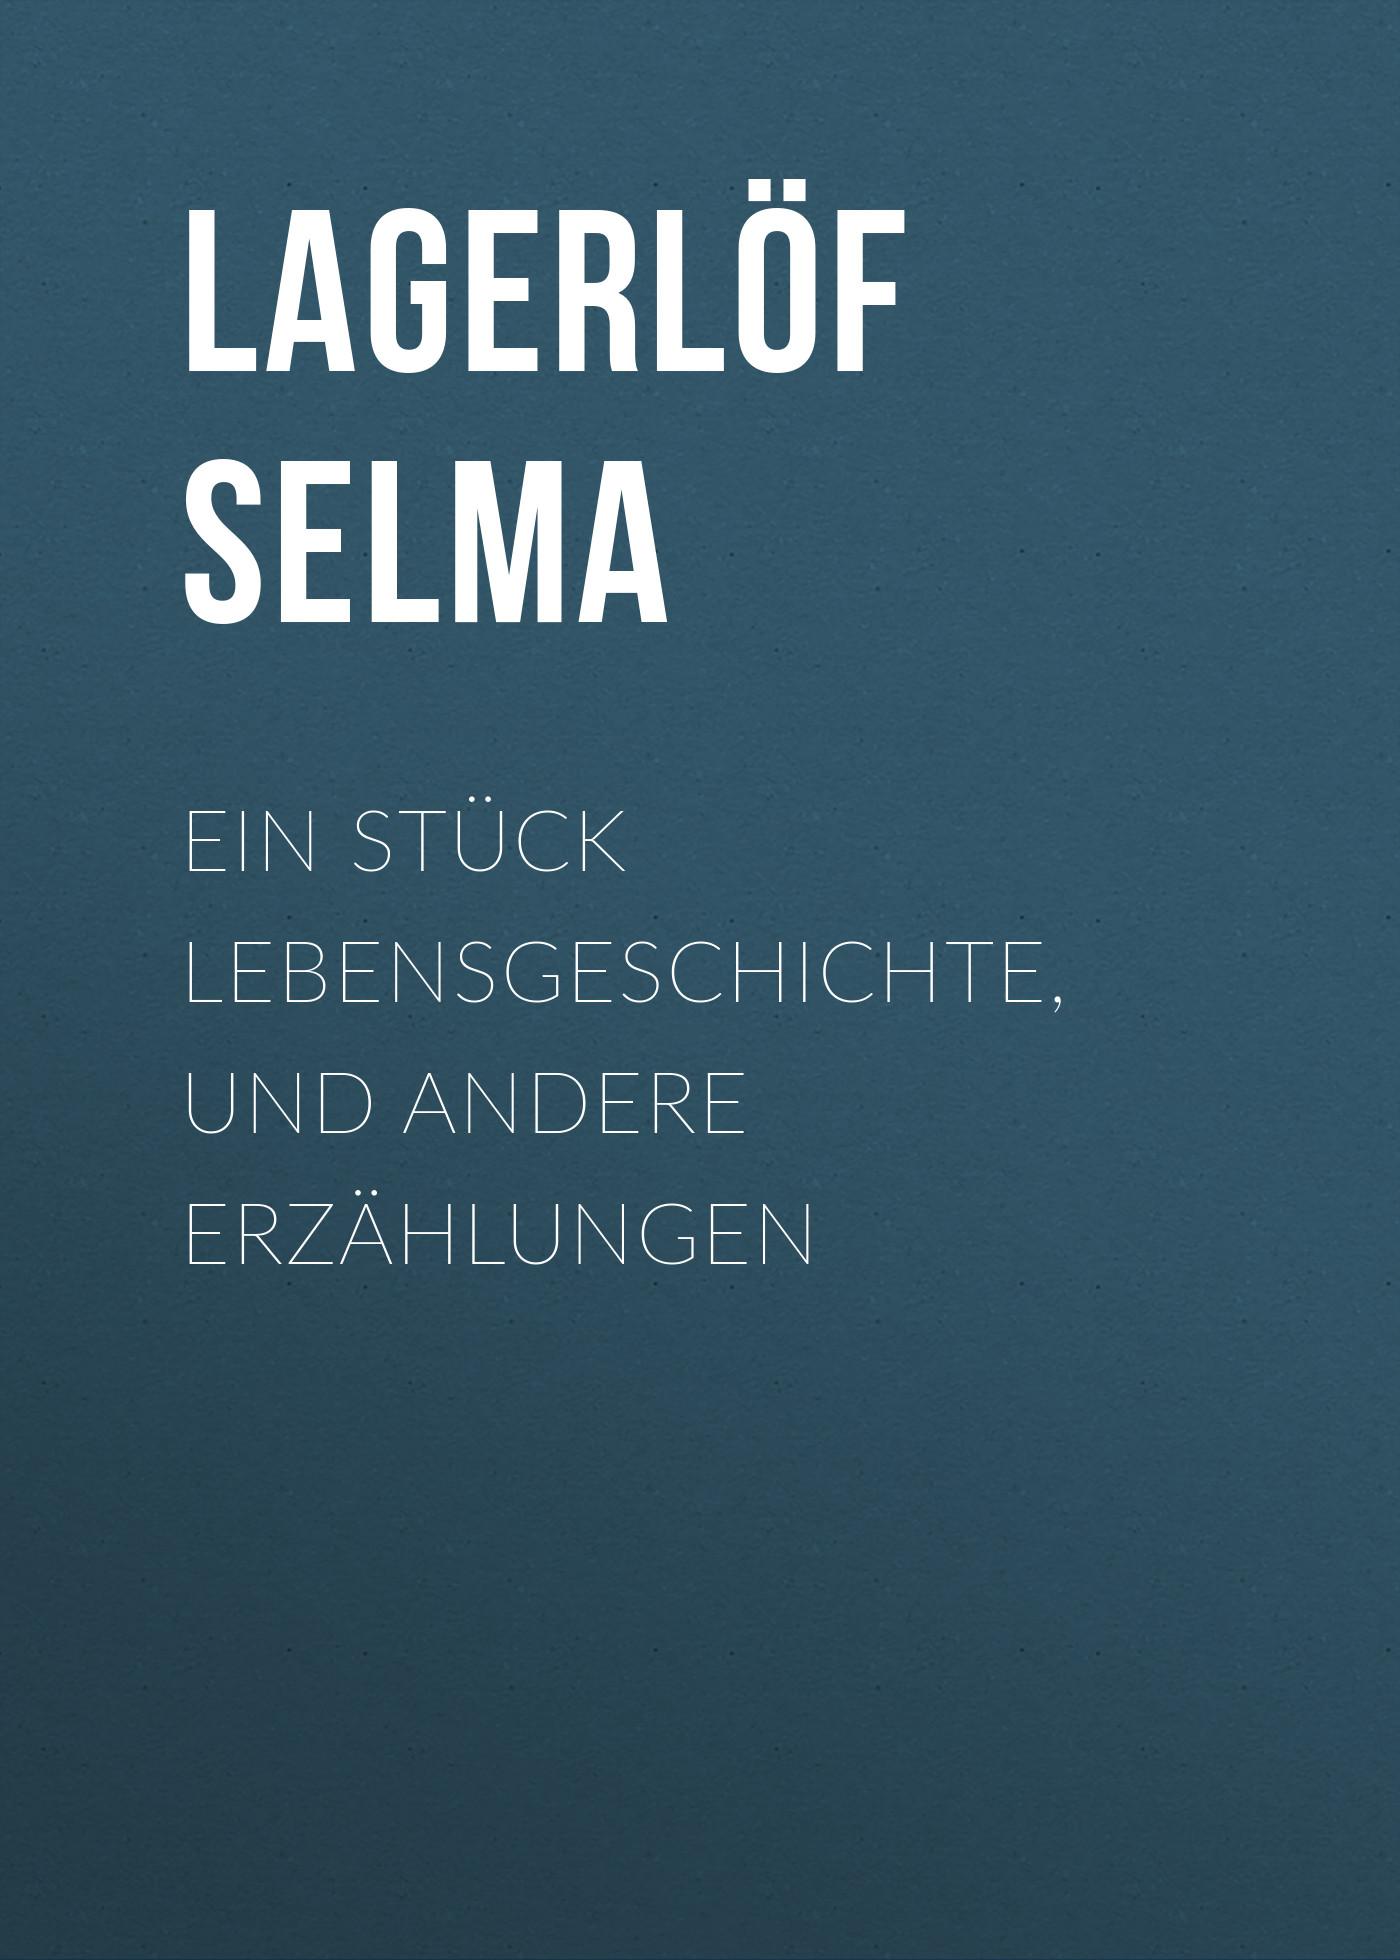 все цены на Lagerlöf Selma Ein Stück Lebensgeschichte, und andere Erzählungen онлайн